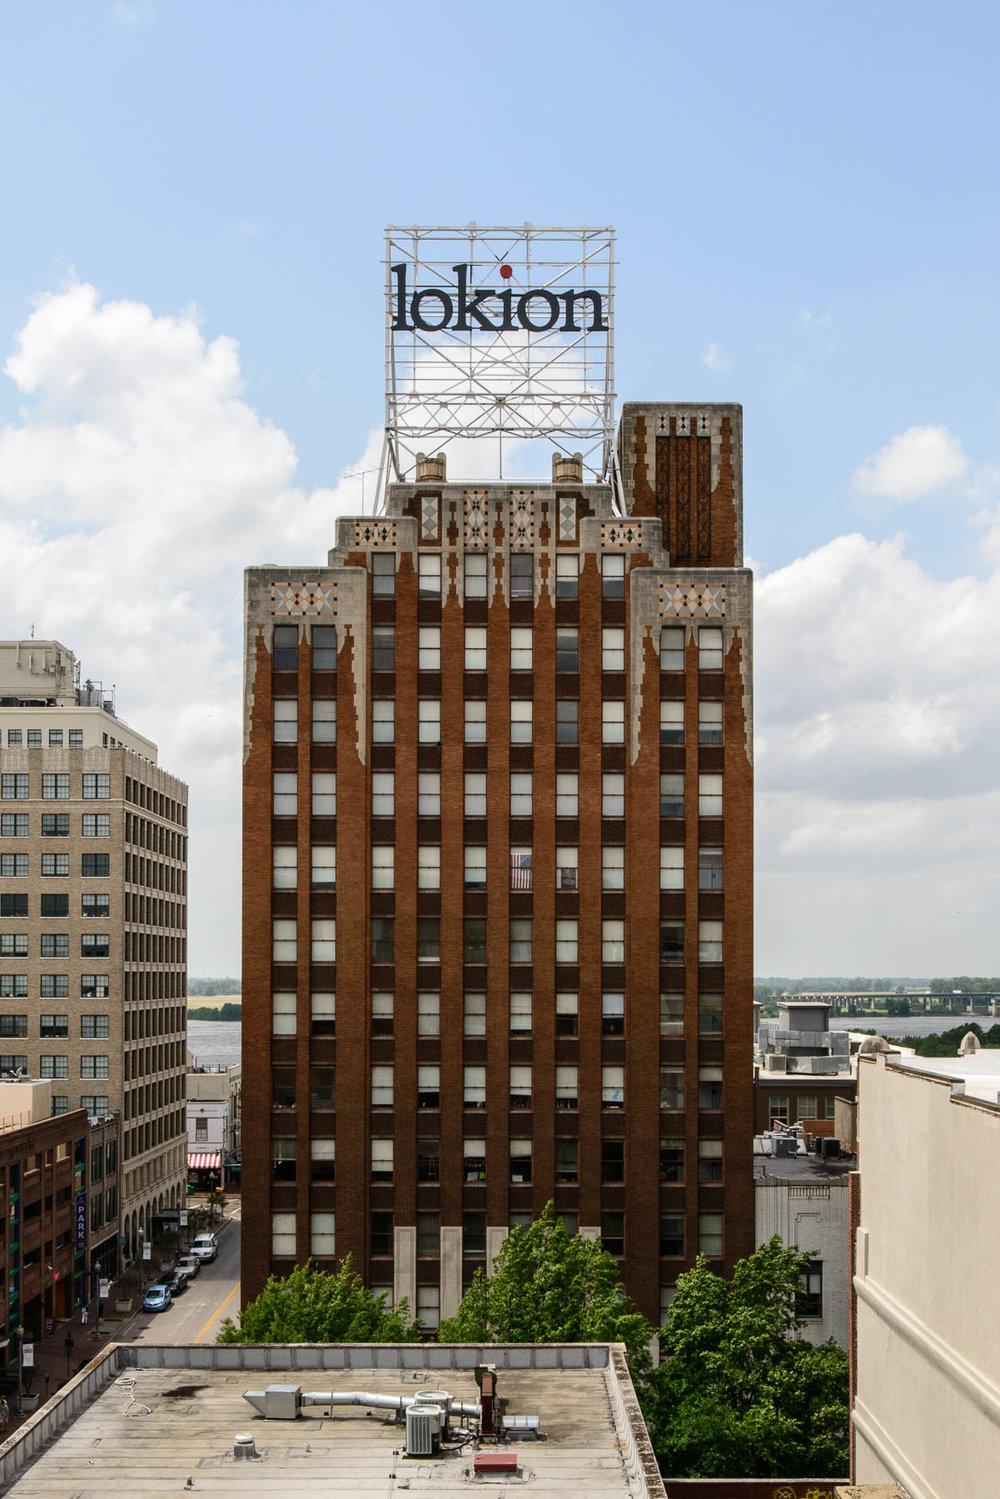 lokion-building.jpg